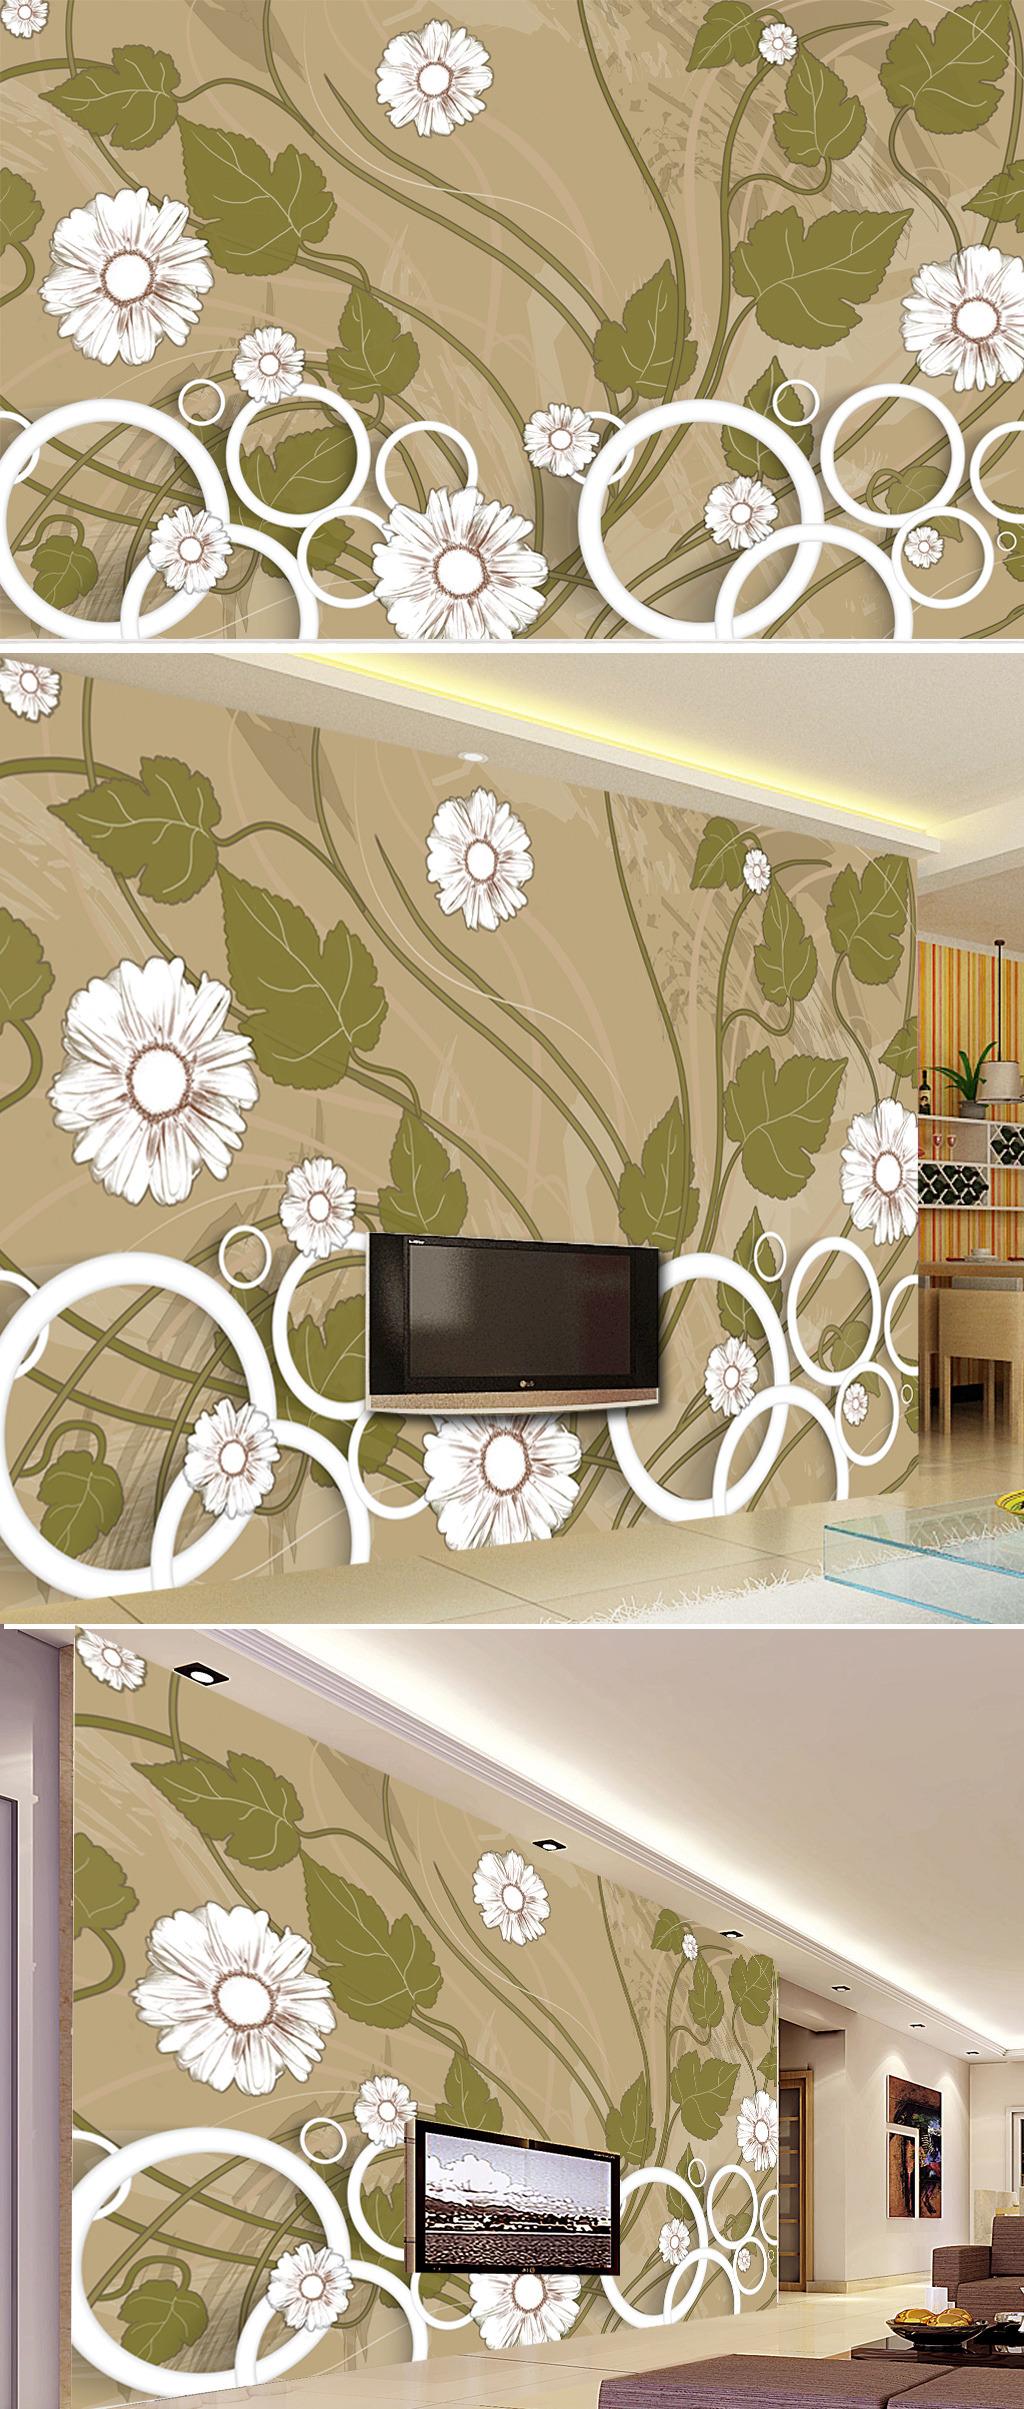 客厅3d手绘花朵电视背景墙